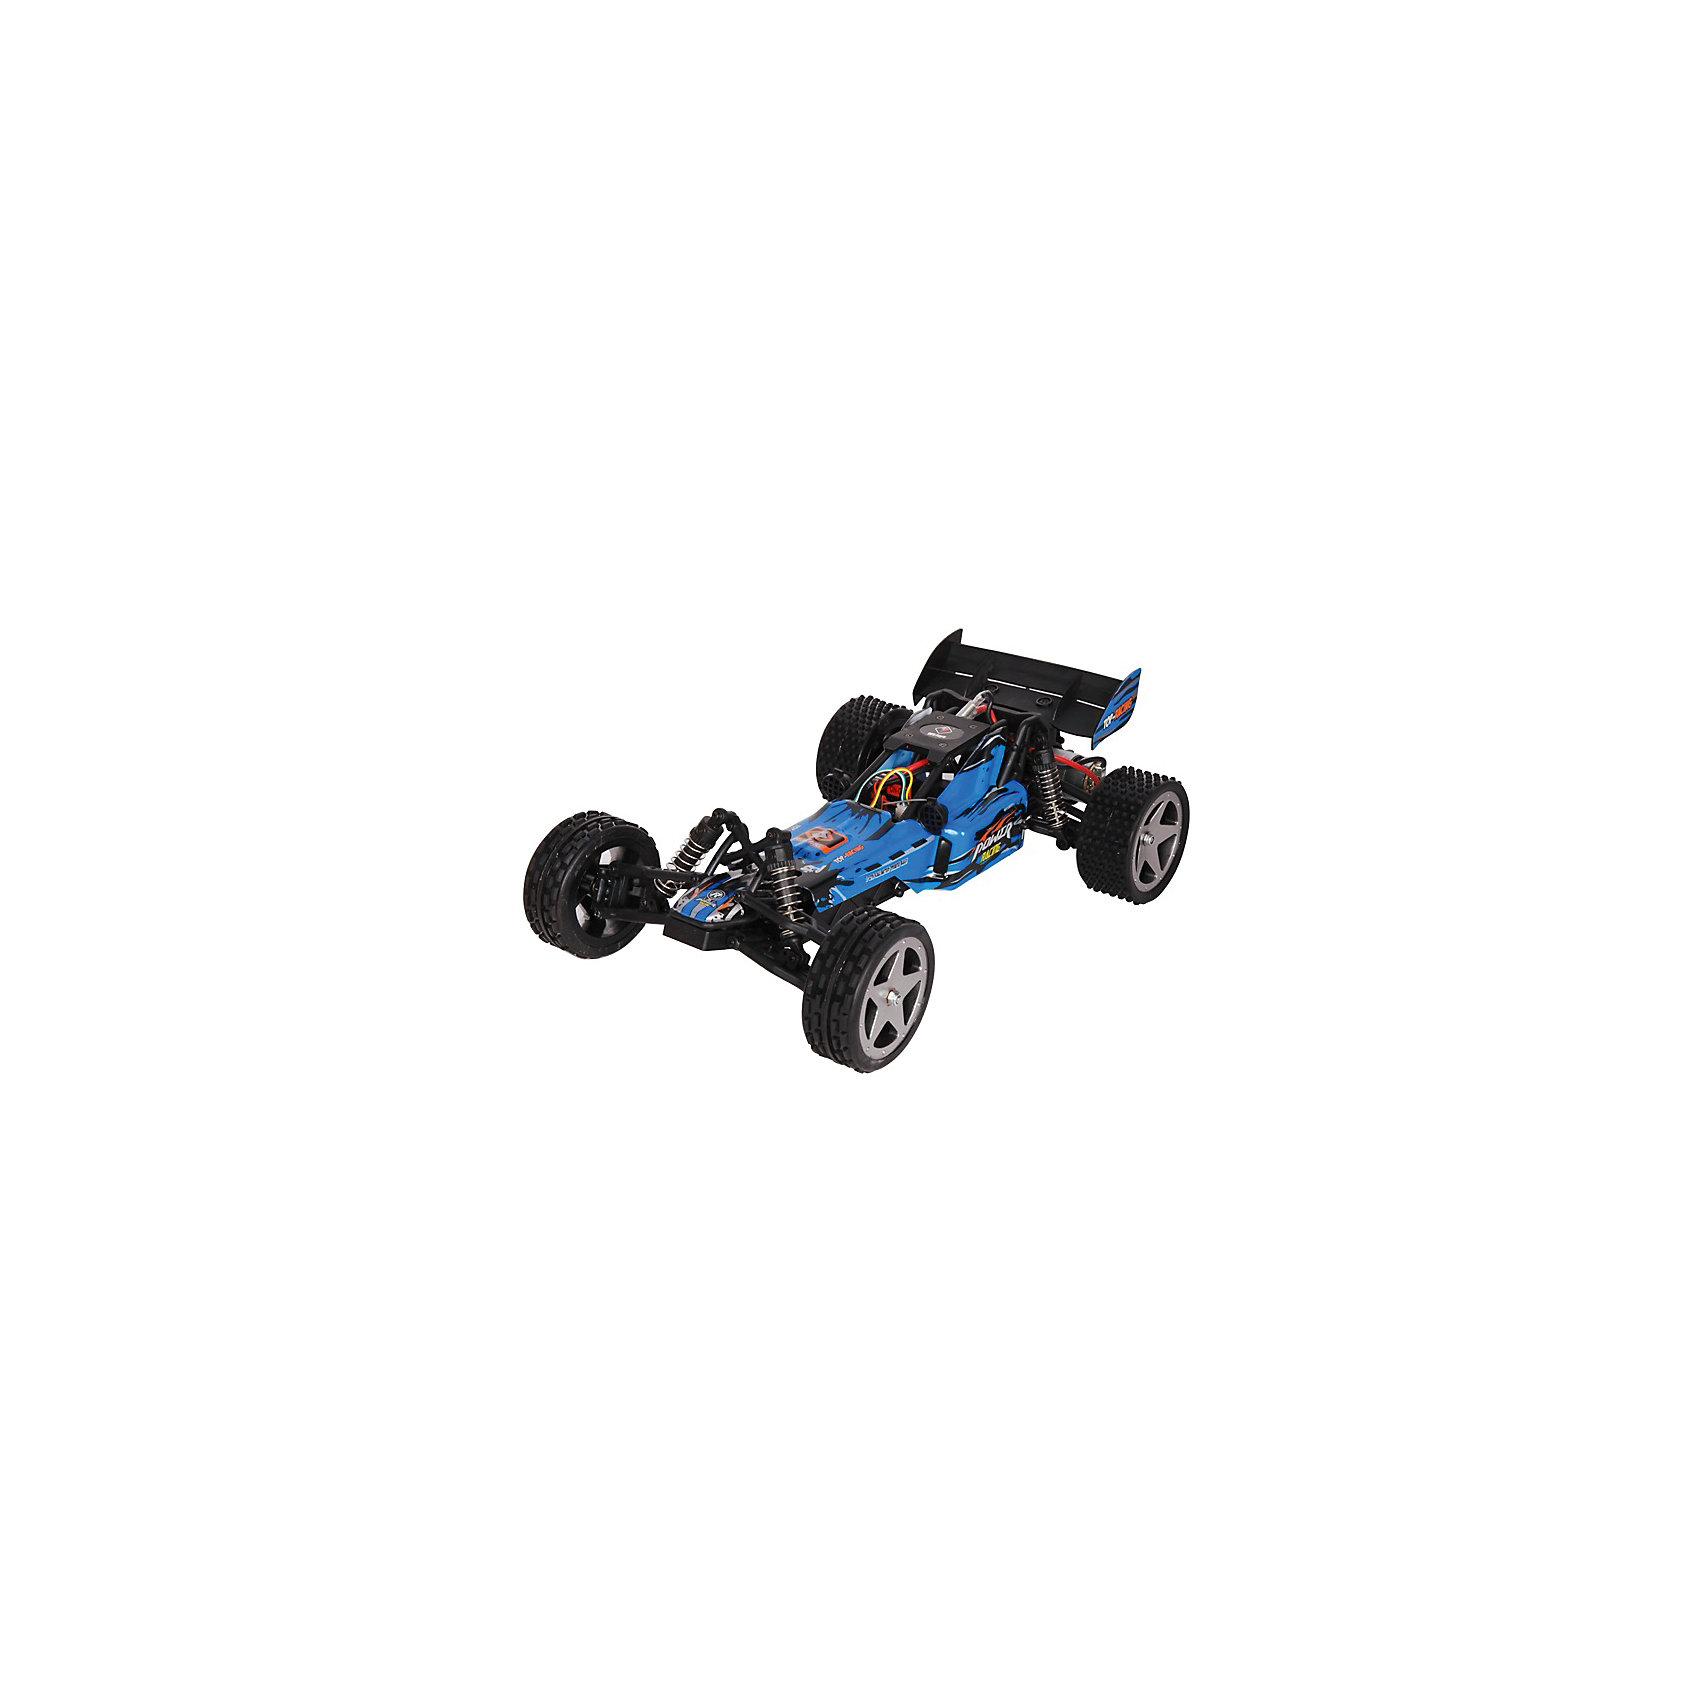 Автомобиль на р/у Wave Runner, синий, WL ToysРадиоуправляемый транспорт<br><br><br>Ширина мм: 490<br>Глубина мм: 250<br>Высота мм: 165<br>Вес г: 2437<br>Возраст от месяцев: 72<br>Возраст до месяцев: 2147483647<br>Пол: Мужской<br>Возраст: Детский<br>SKU: 5581245